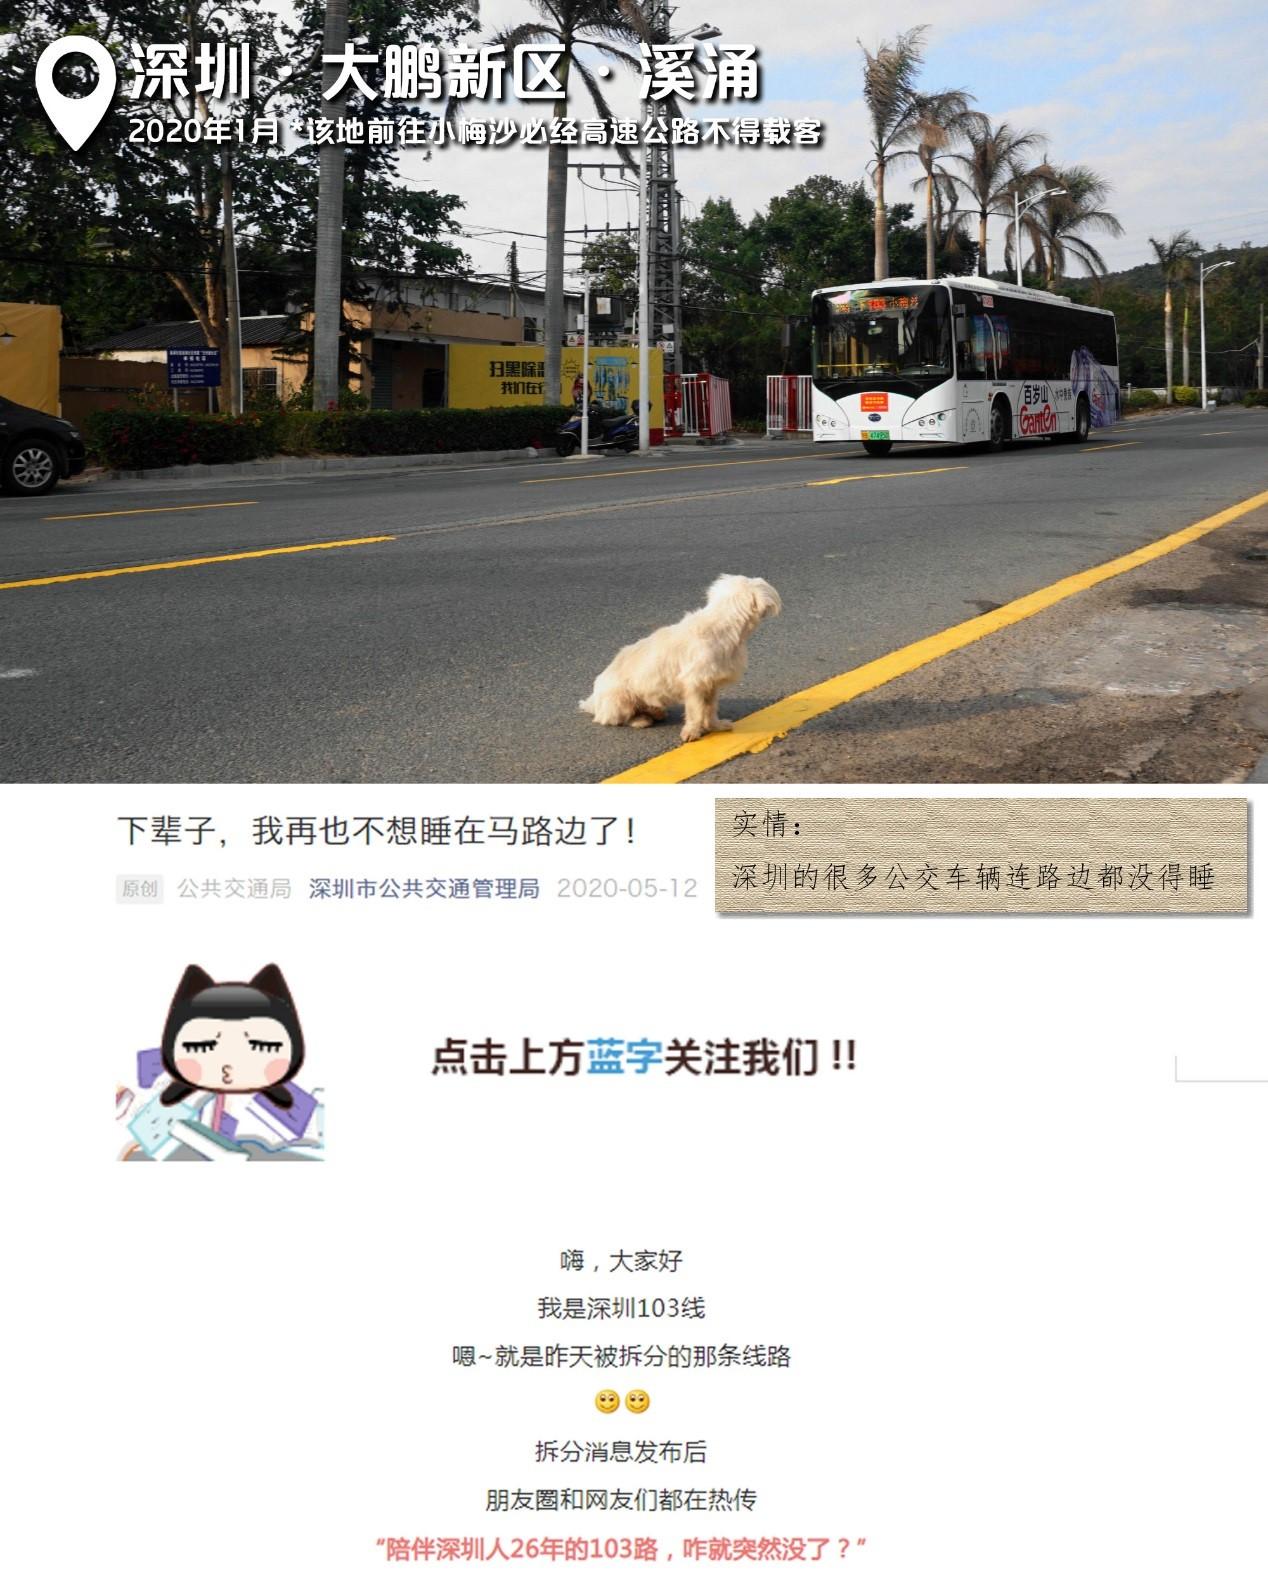 2020年1月,深圳大鹏新区,狗尚且可以躺在路中间晒太阳,它注视的103路却在4个月后因没有场站也不能停路边而取消,但运营单位还将此事选为十大年度高光时刻。